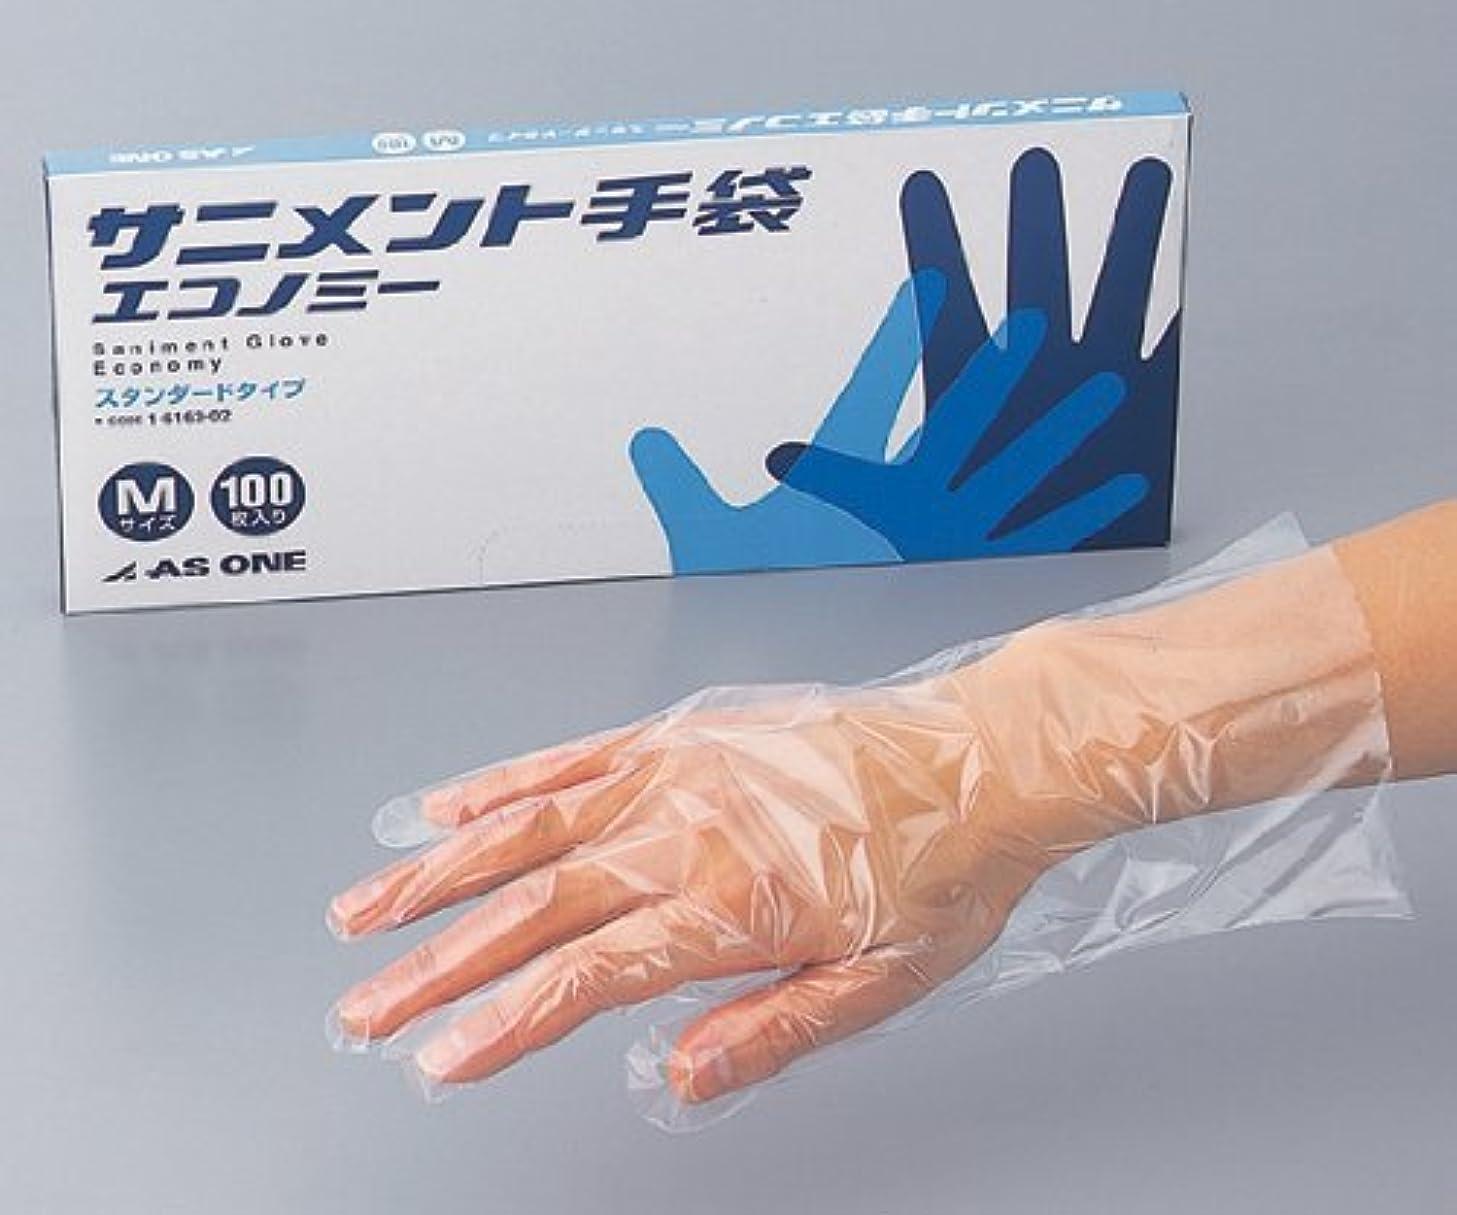 ギネス不規則性小さなラボランサニメント手袋(エコノミー) スタンダード M 1ケース(100枚/箱×11箱入)